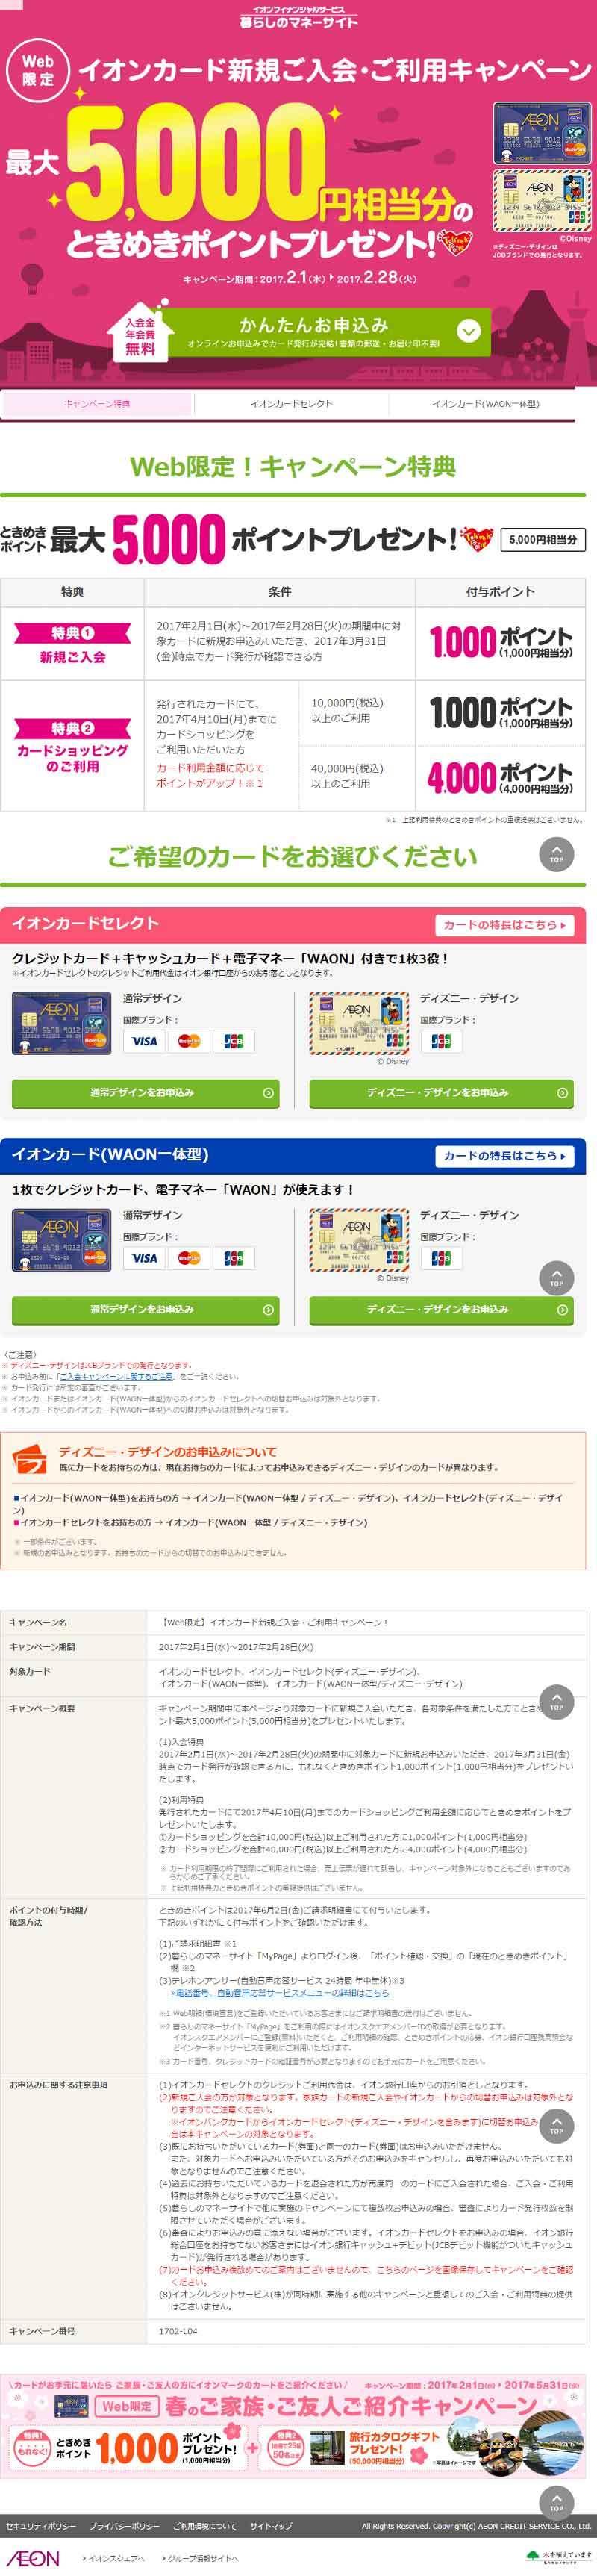 2017年2月1日(水)~2017年2月28日(火)までの新規入会申込みキャンペーンページのキャプチャー画像